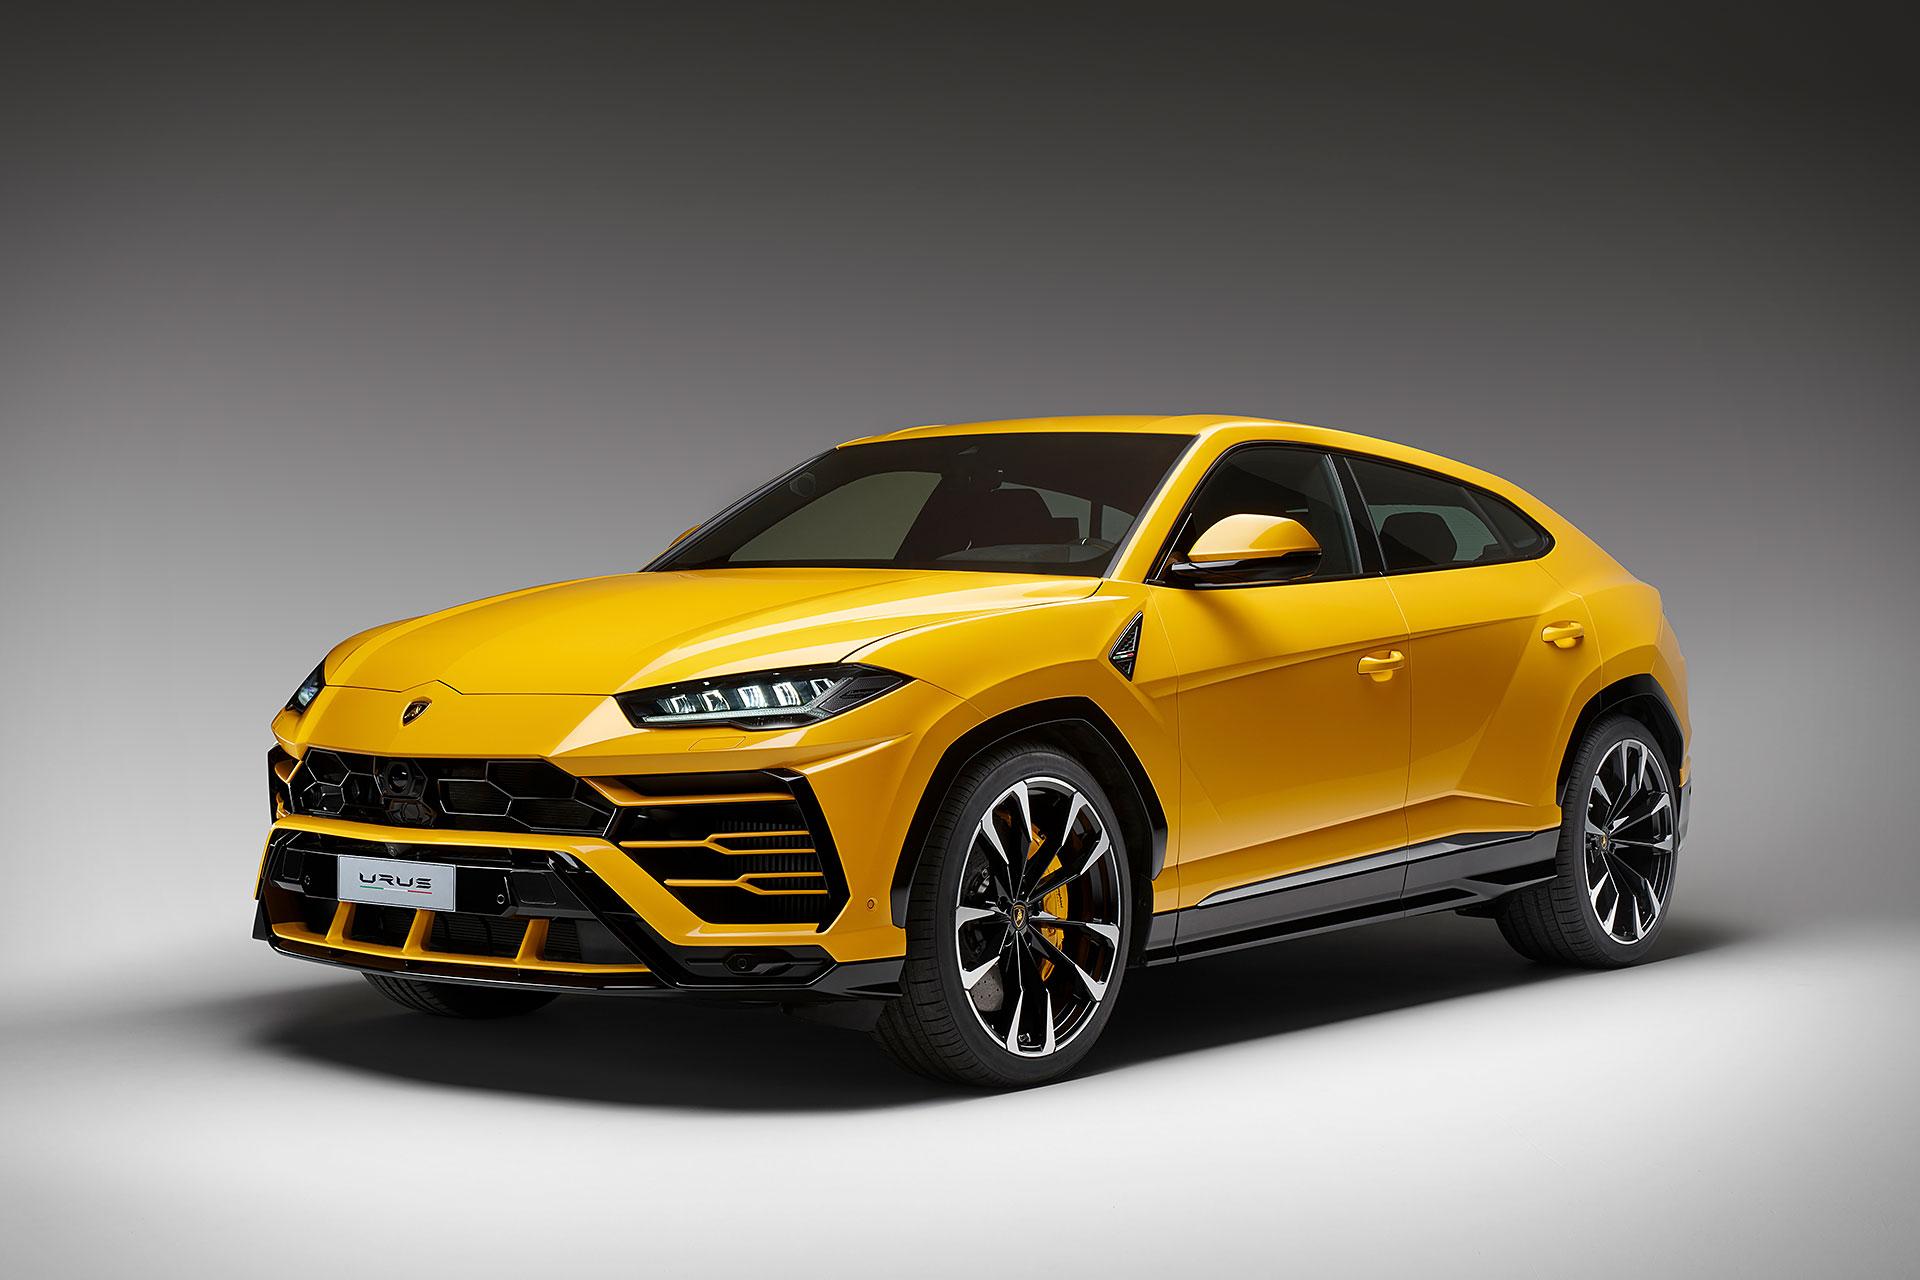 2018 Lamborghini Urus Uncrate